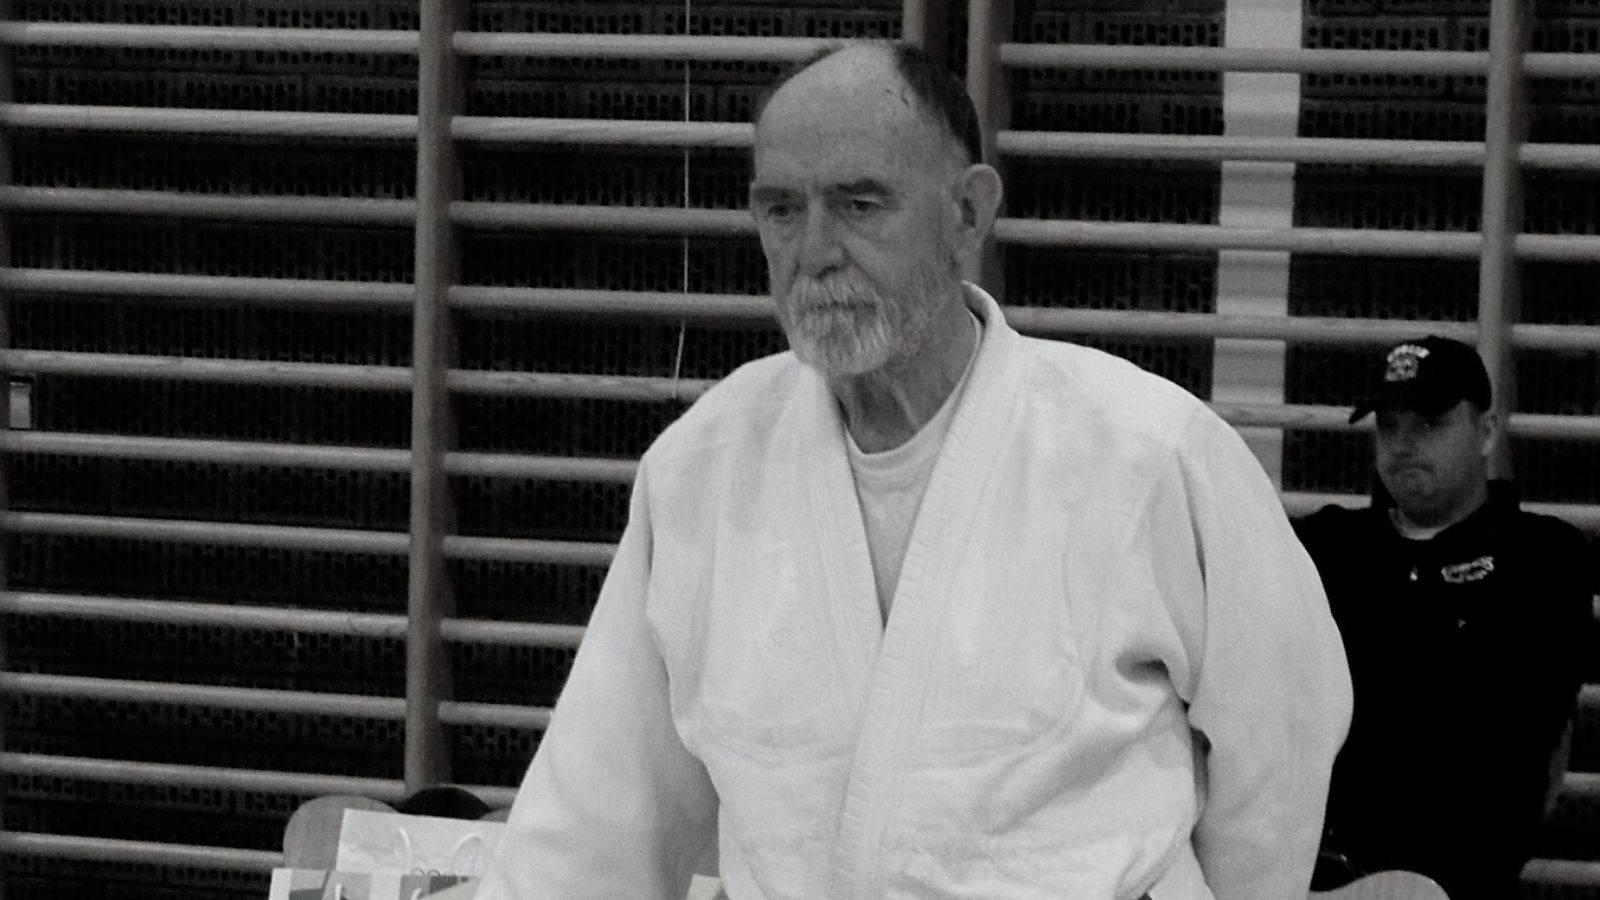 Preminuo je jedan od najvećih hrvatskih judaša svih vremena